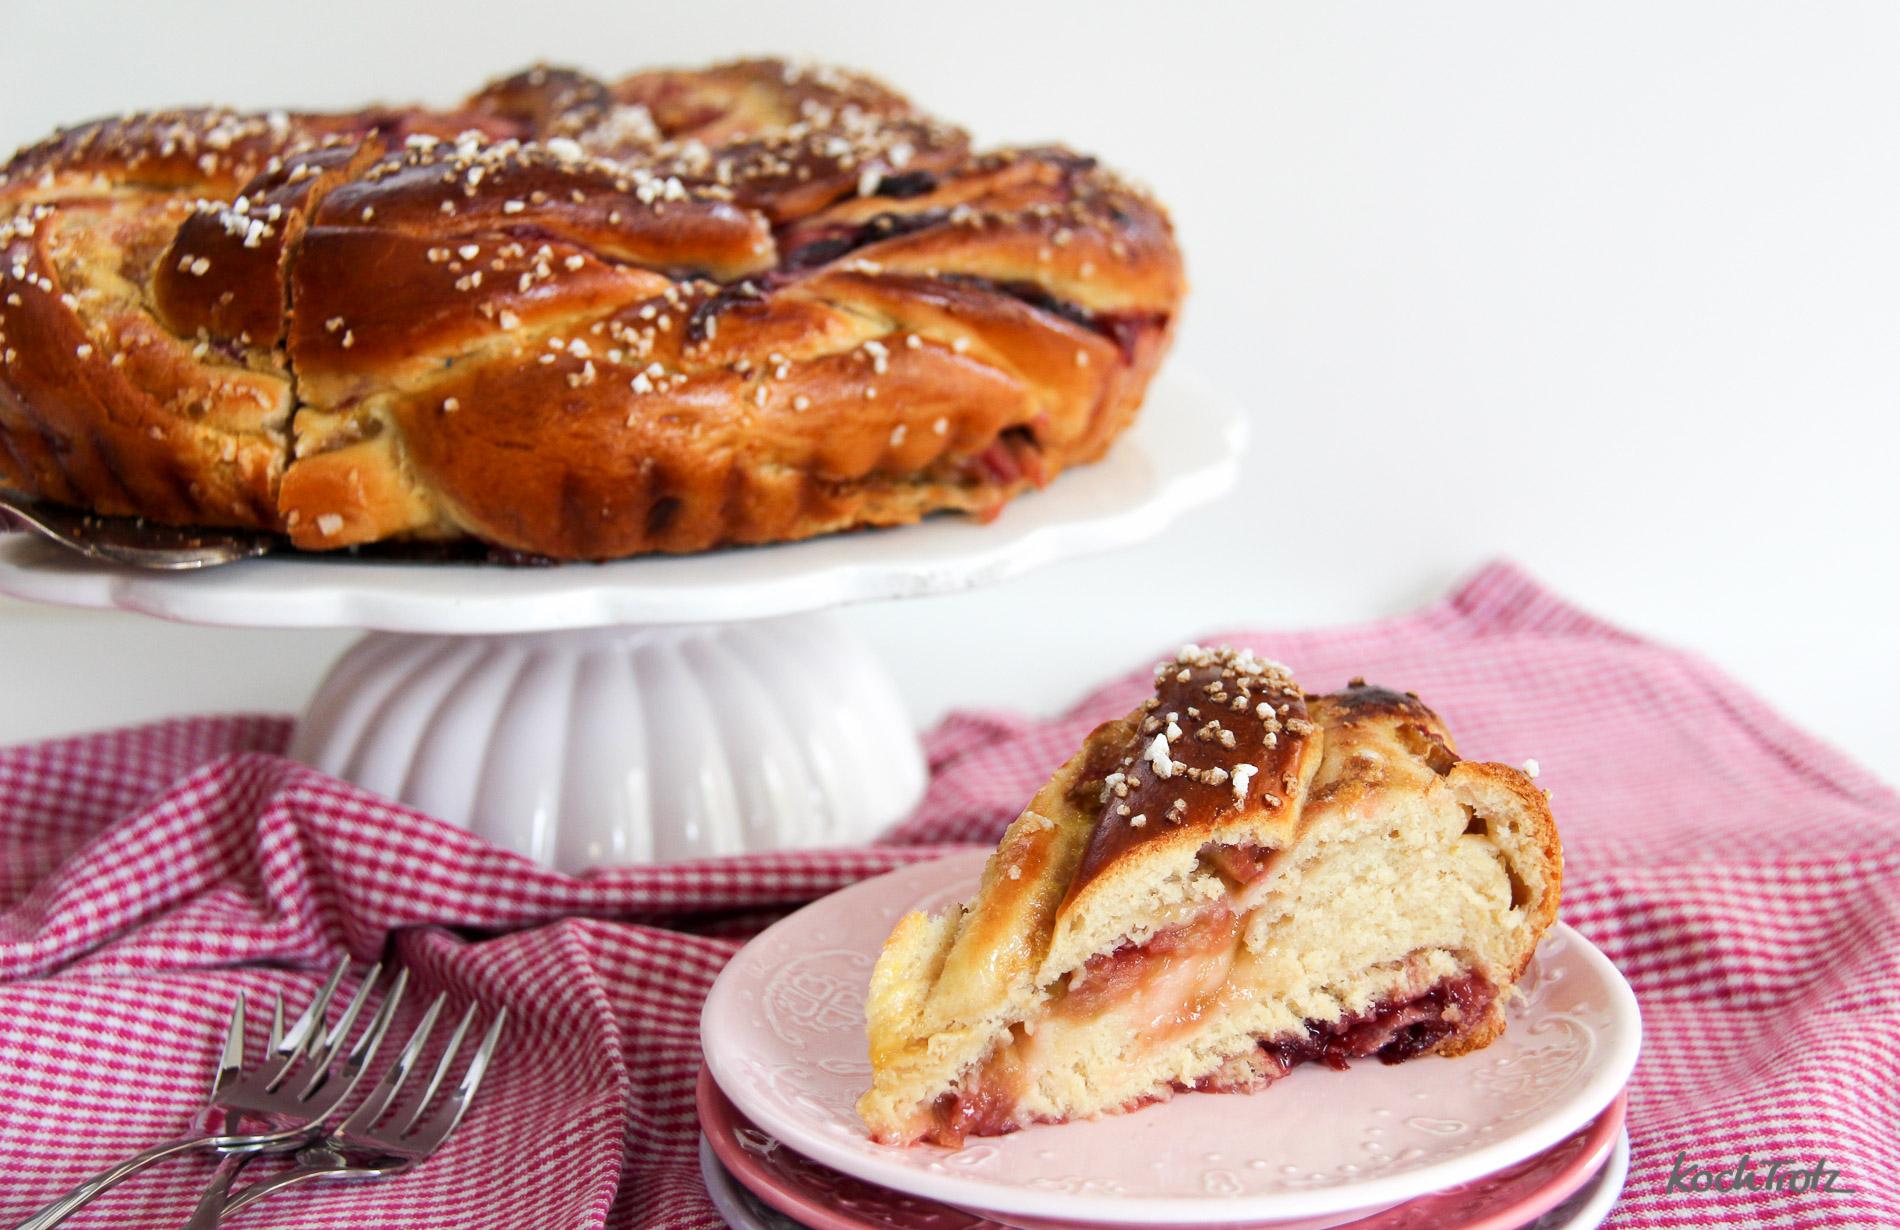 grundrezept-hefezopf-striezel-strudel-mit-dinkel-rhabarber-cranberry-fuellung-17